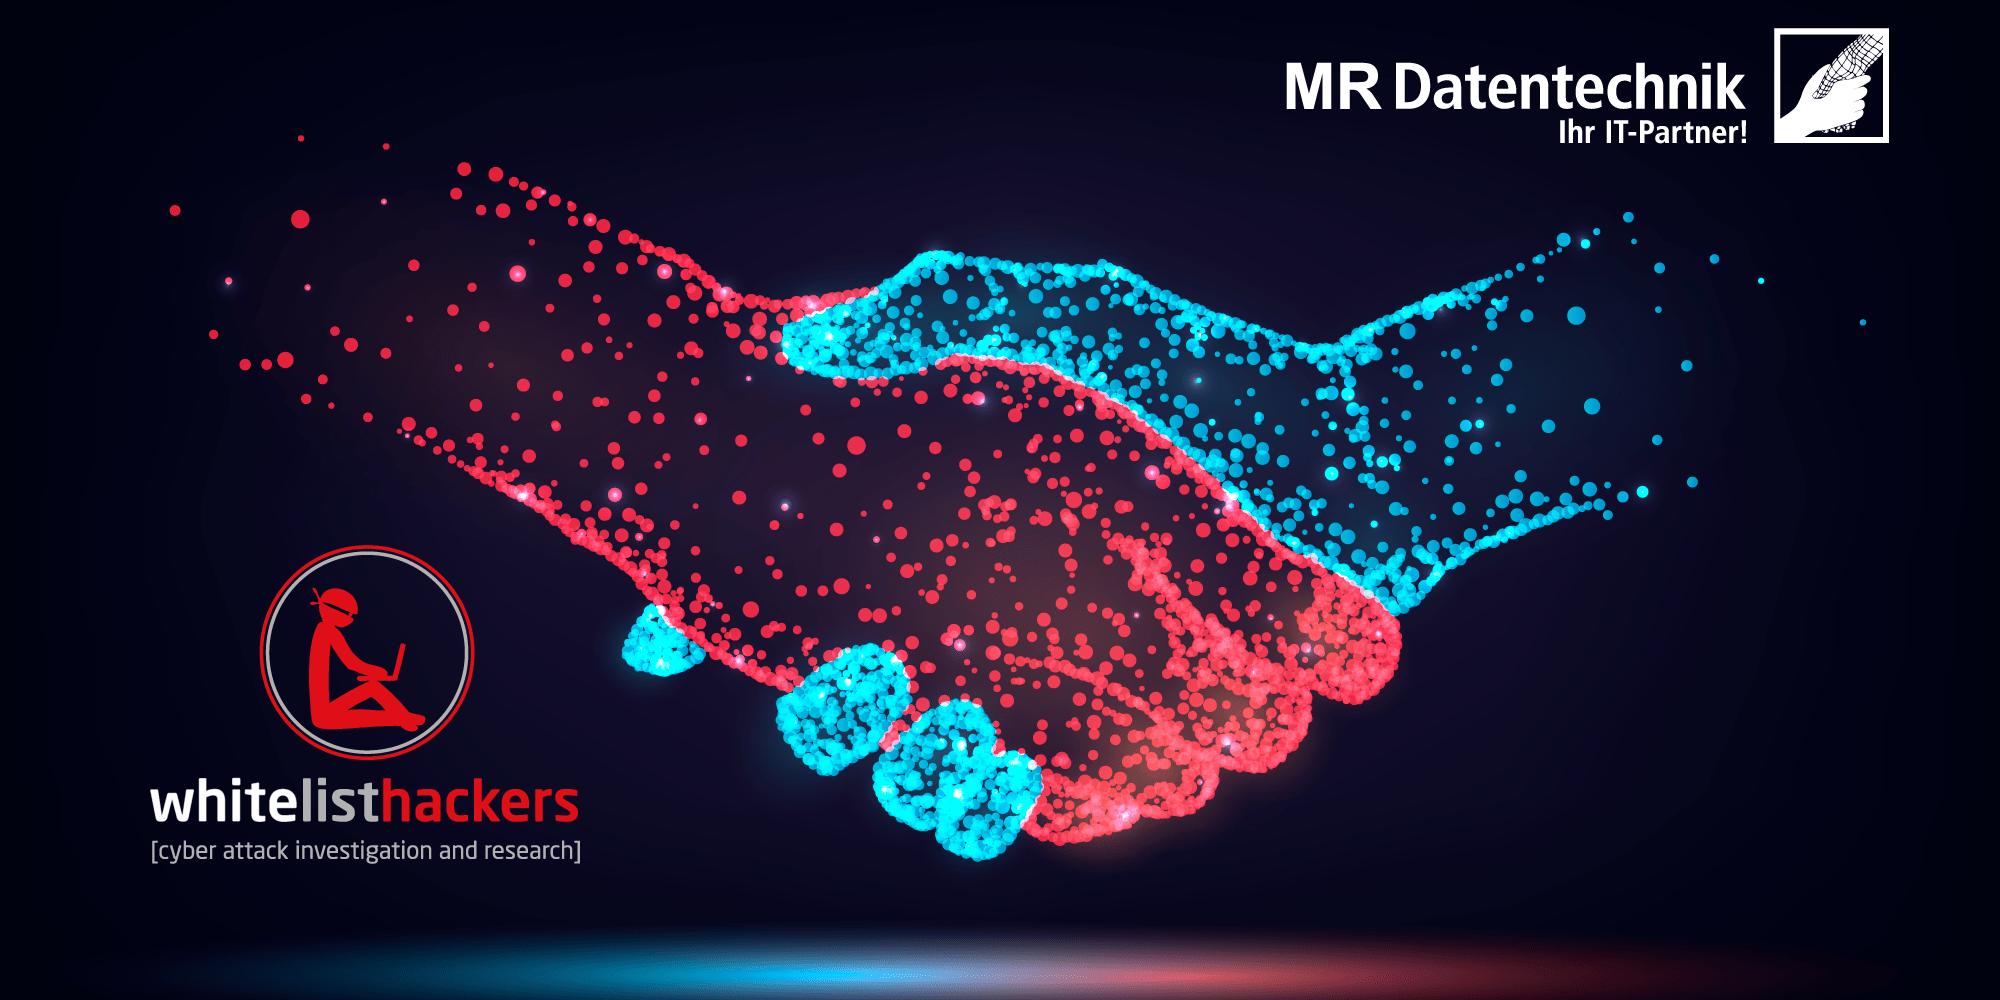 Headergrafik Hände zur Partnerschaft MR und wlh